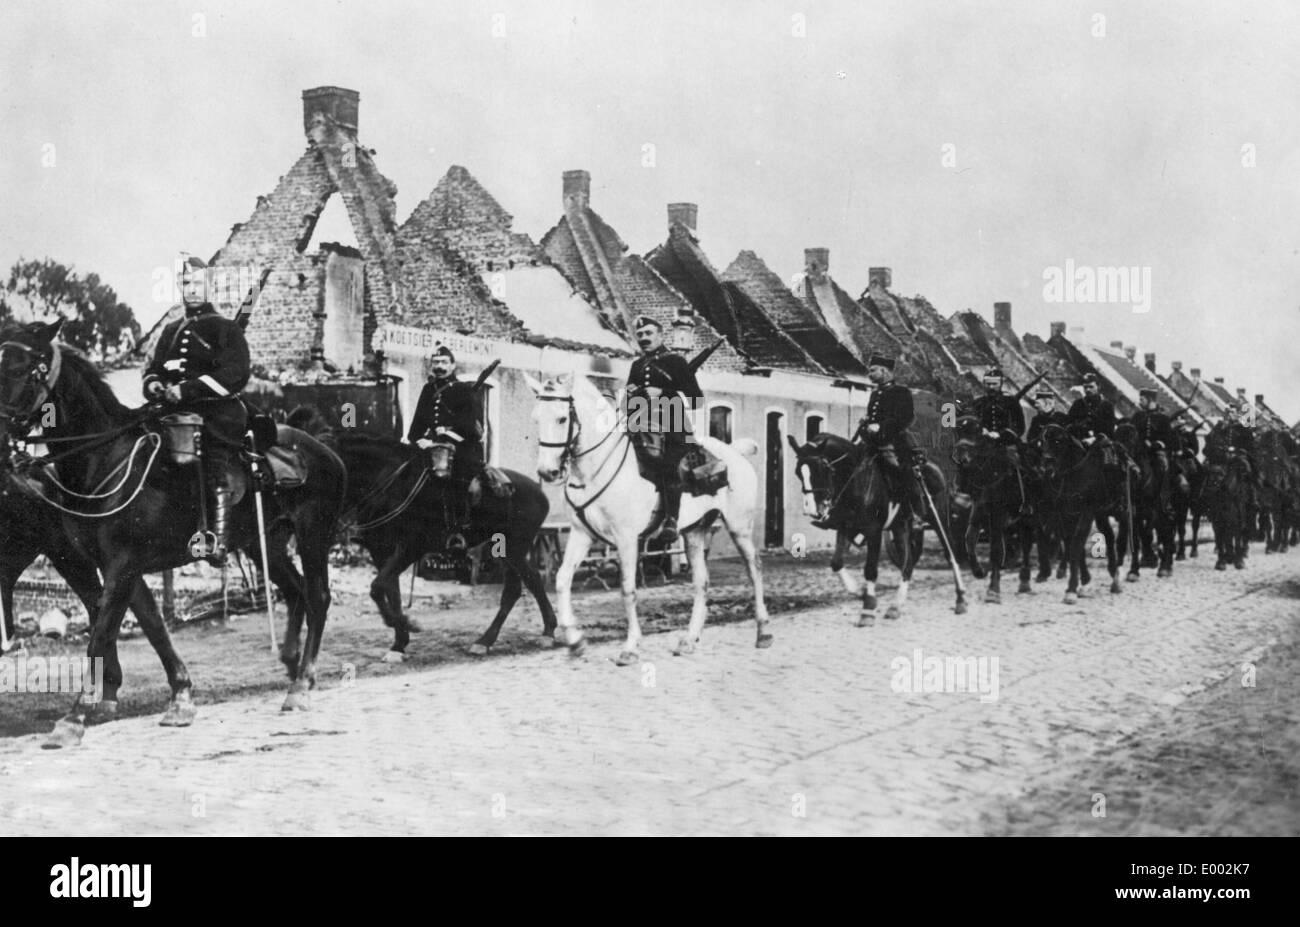 Belgian cavalry, 1914 - Stock Image